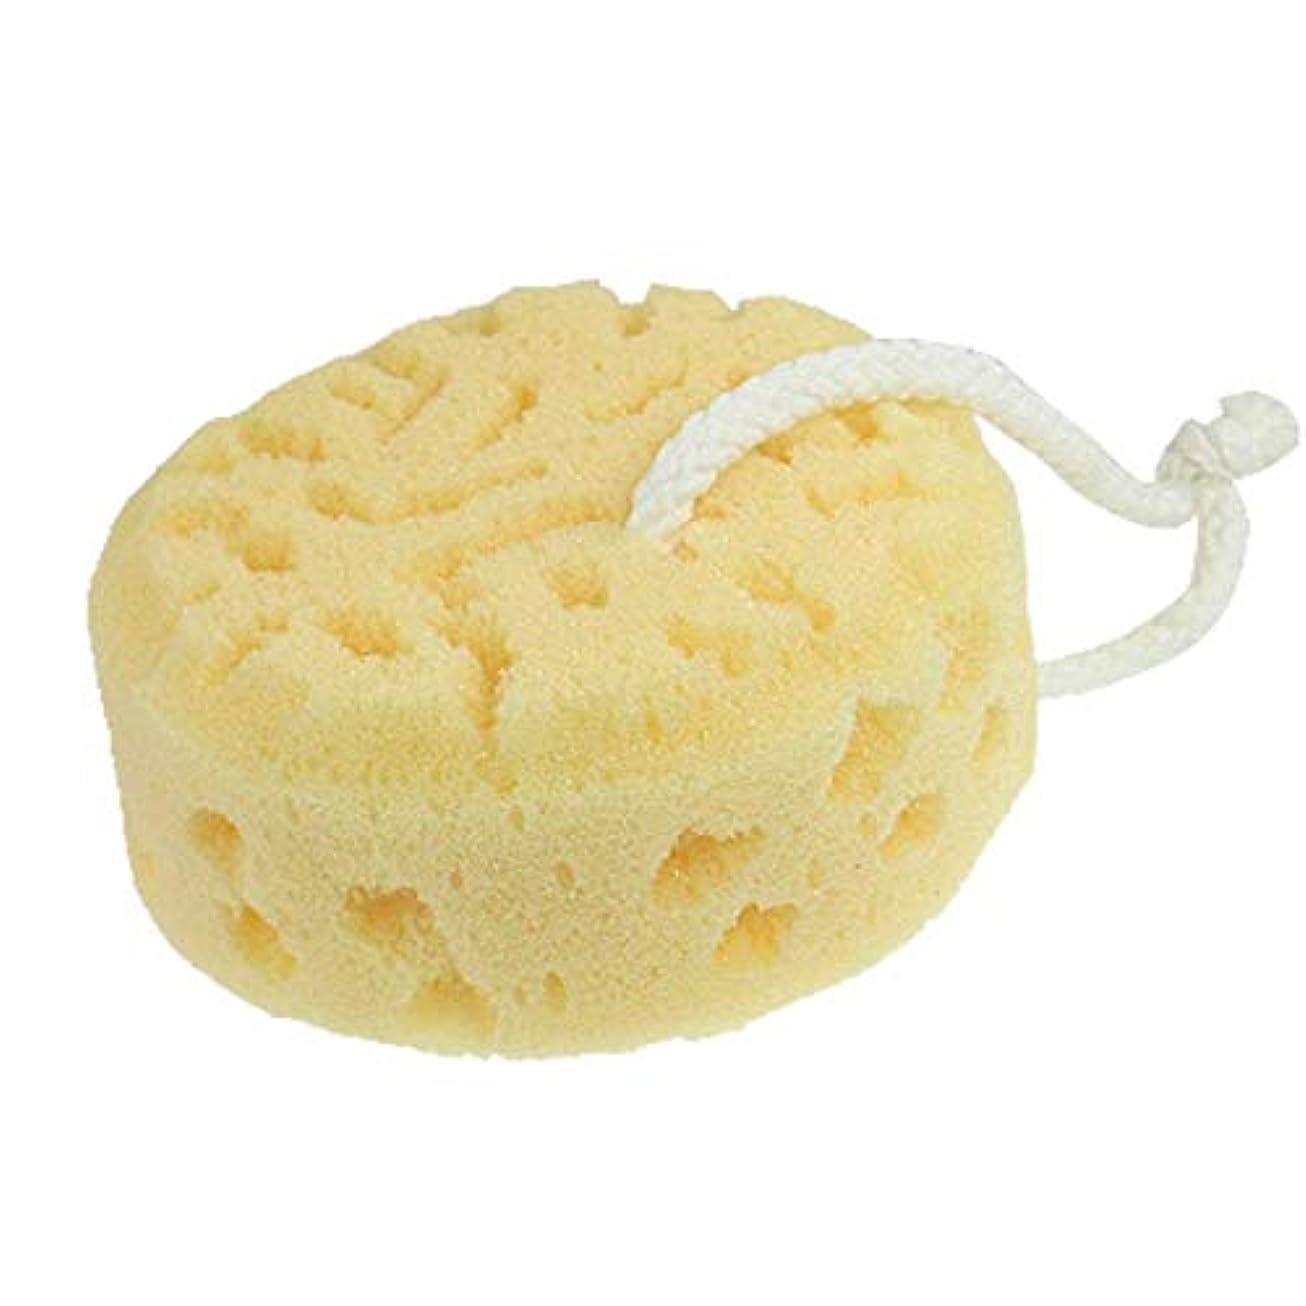 ピュー逆さまにオプショナルUotyle ボディスポンジ 泡立ち ふわふわ お風呂用 ボディ用ブラシ 肌にやさしい 浴用スポンジ